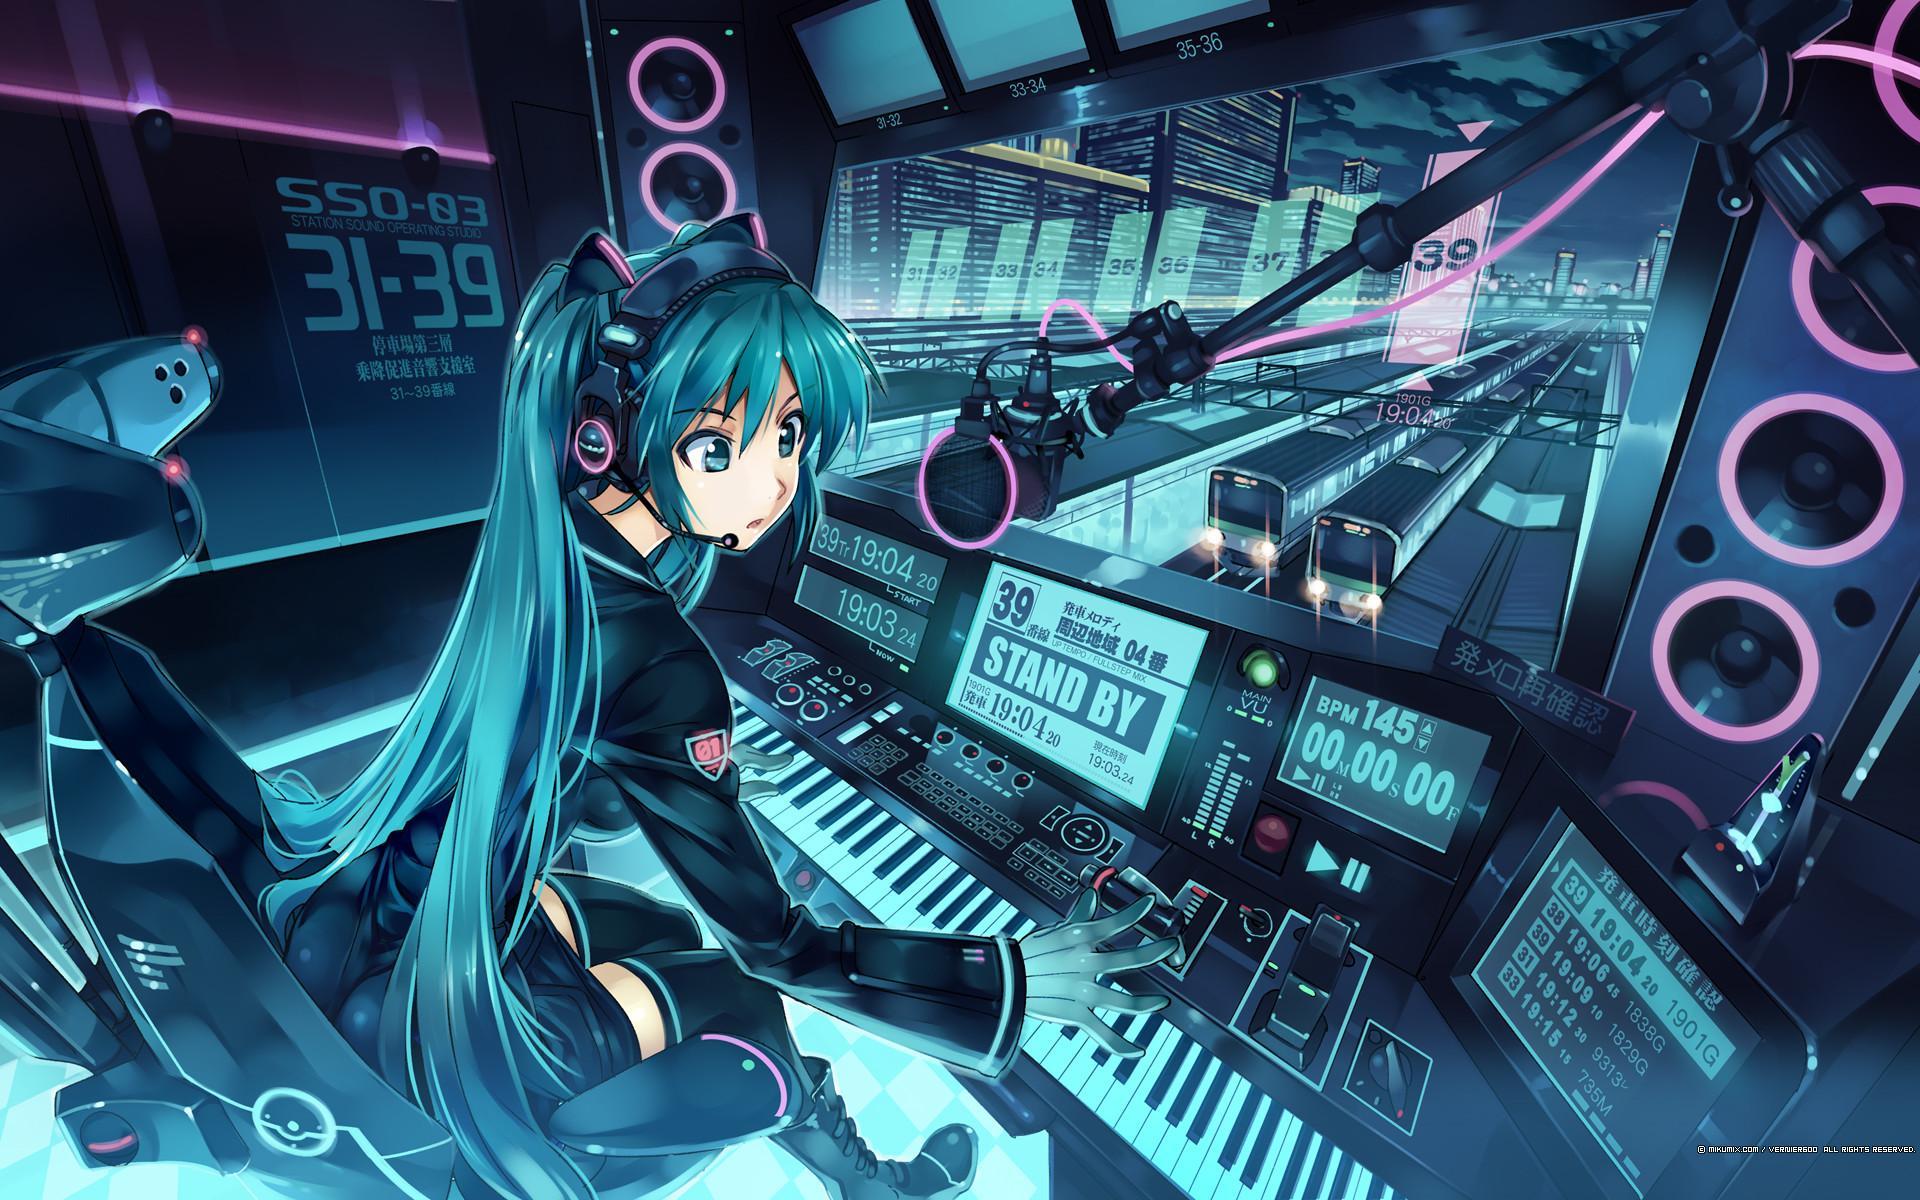 3d Wallpaper Anime Music gambar ke 1